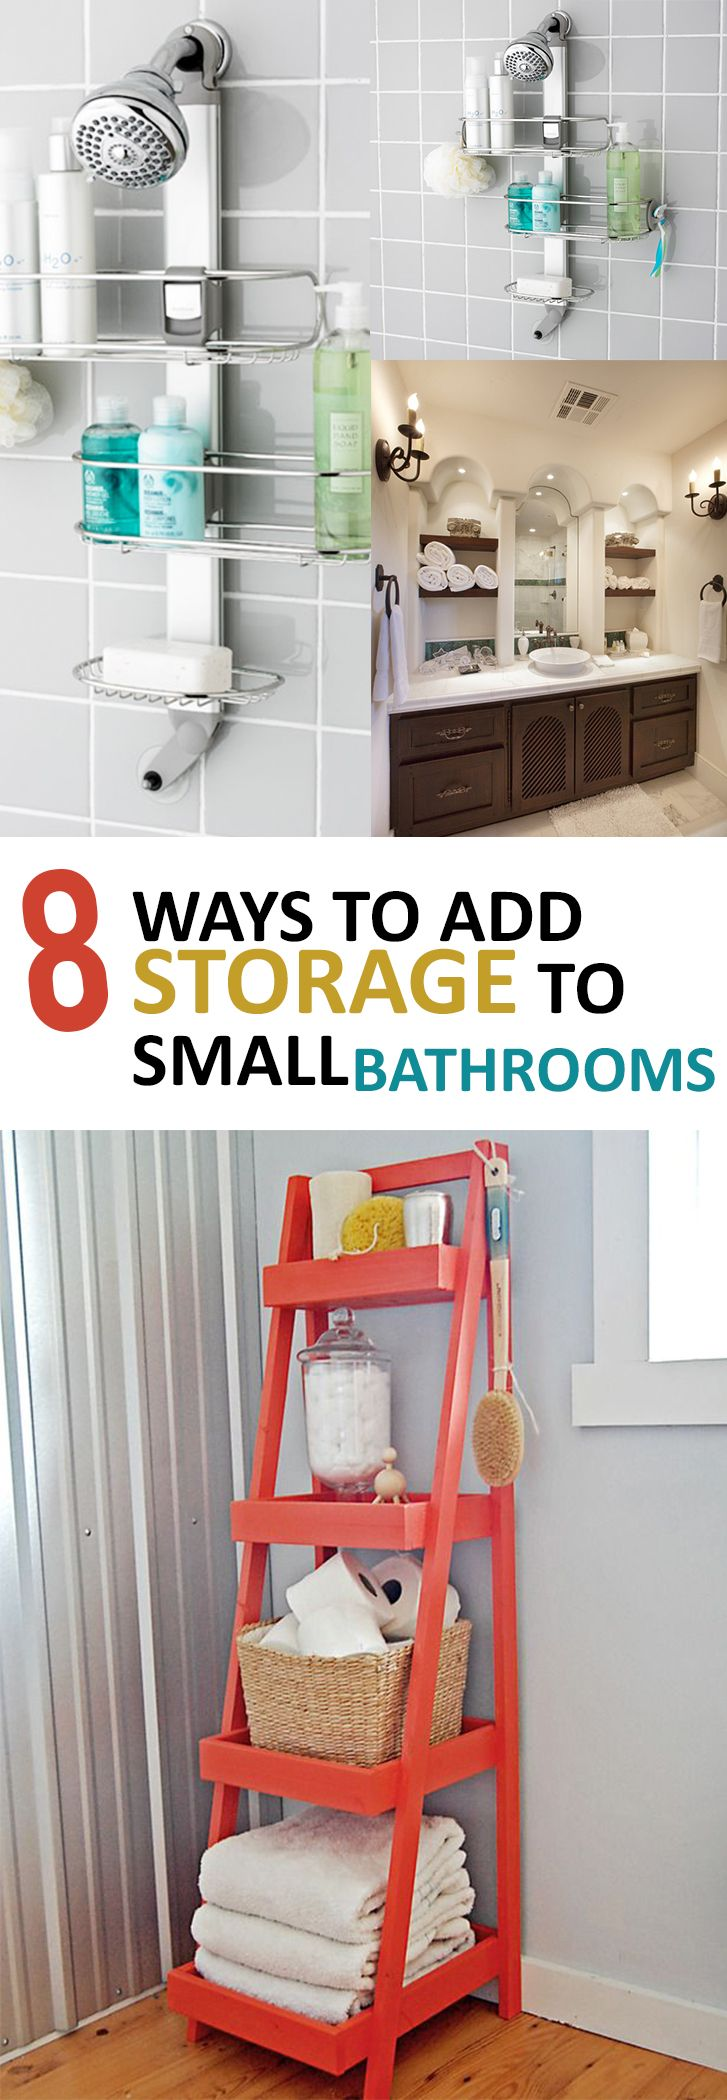 Diy small bathroom storage ideas - Best 10 Bathroom Storage Diy Ideas On Pinterest Diy Bathroom Decor Bathroom Storage And Small Bathroom Storage